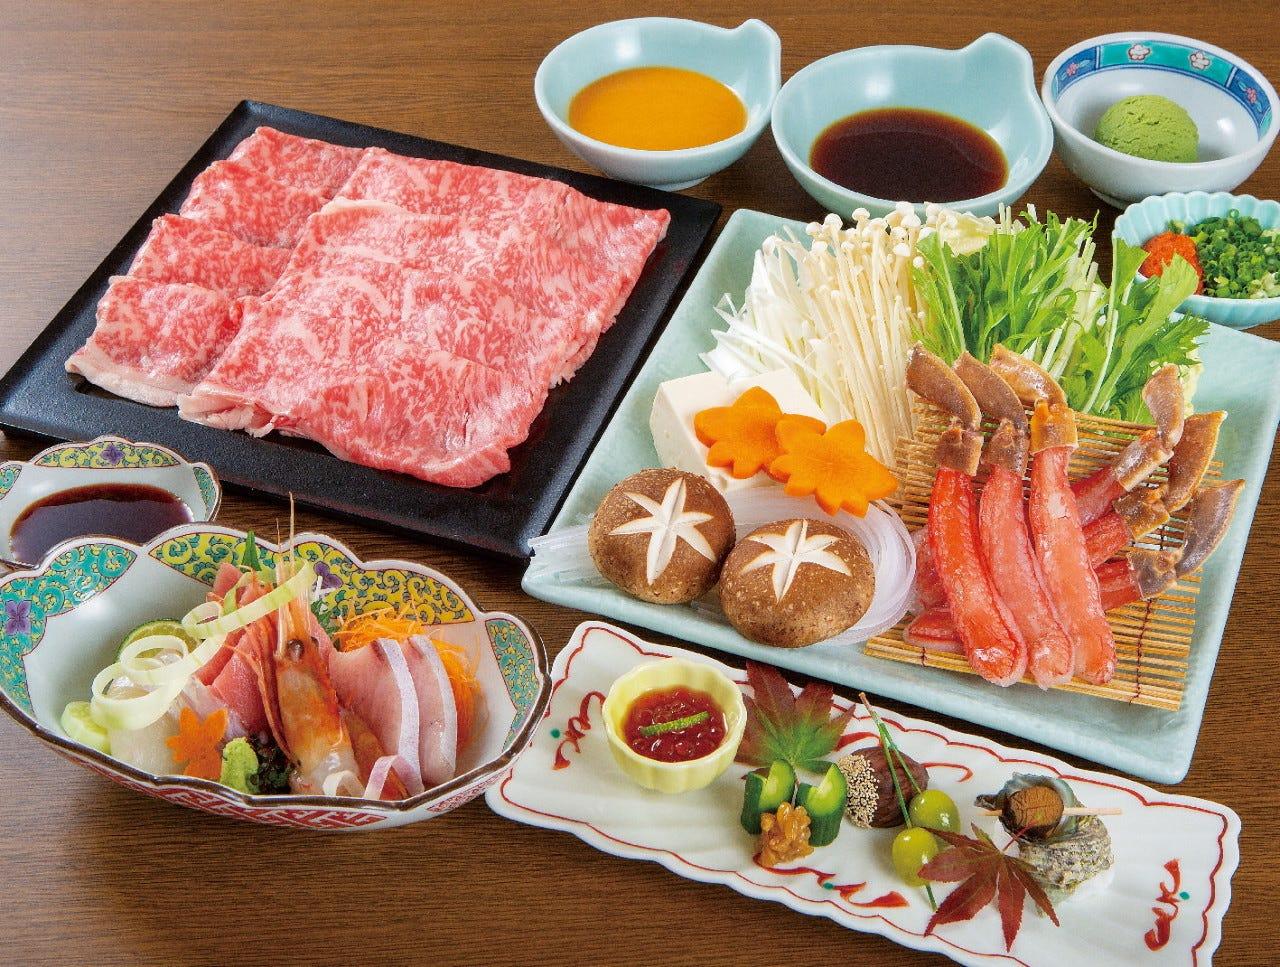 《旬魚刺身》と《蟹とお肉》の二種類のしゃぶしゃぶコース